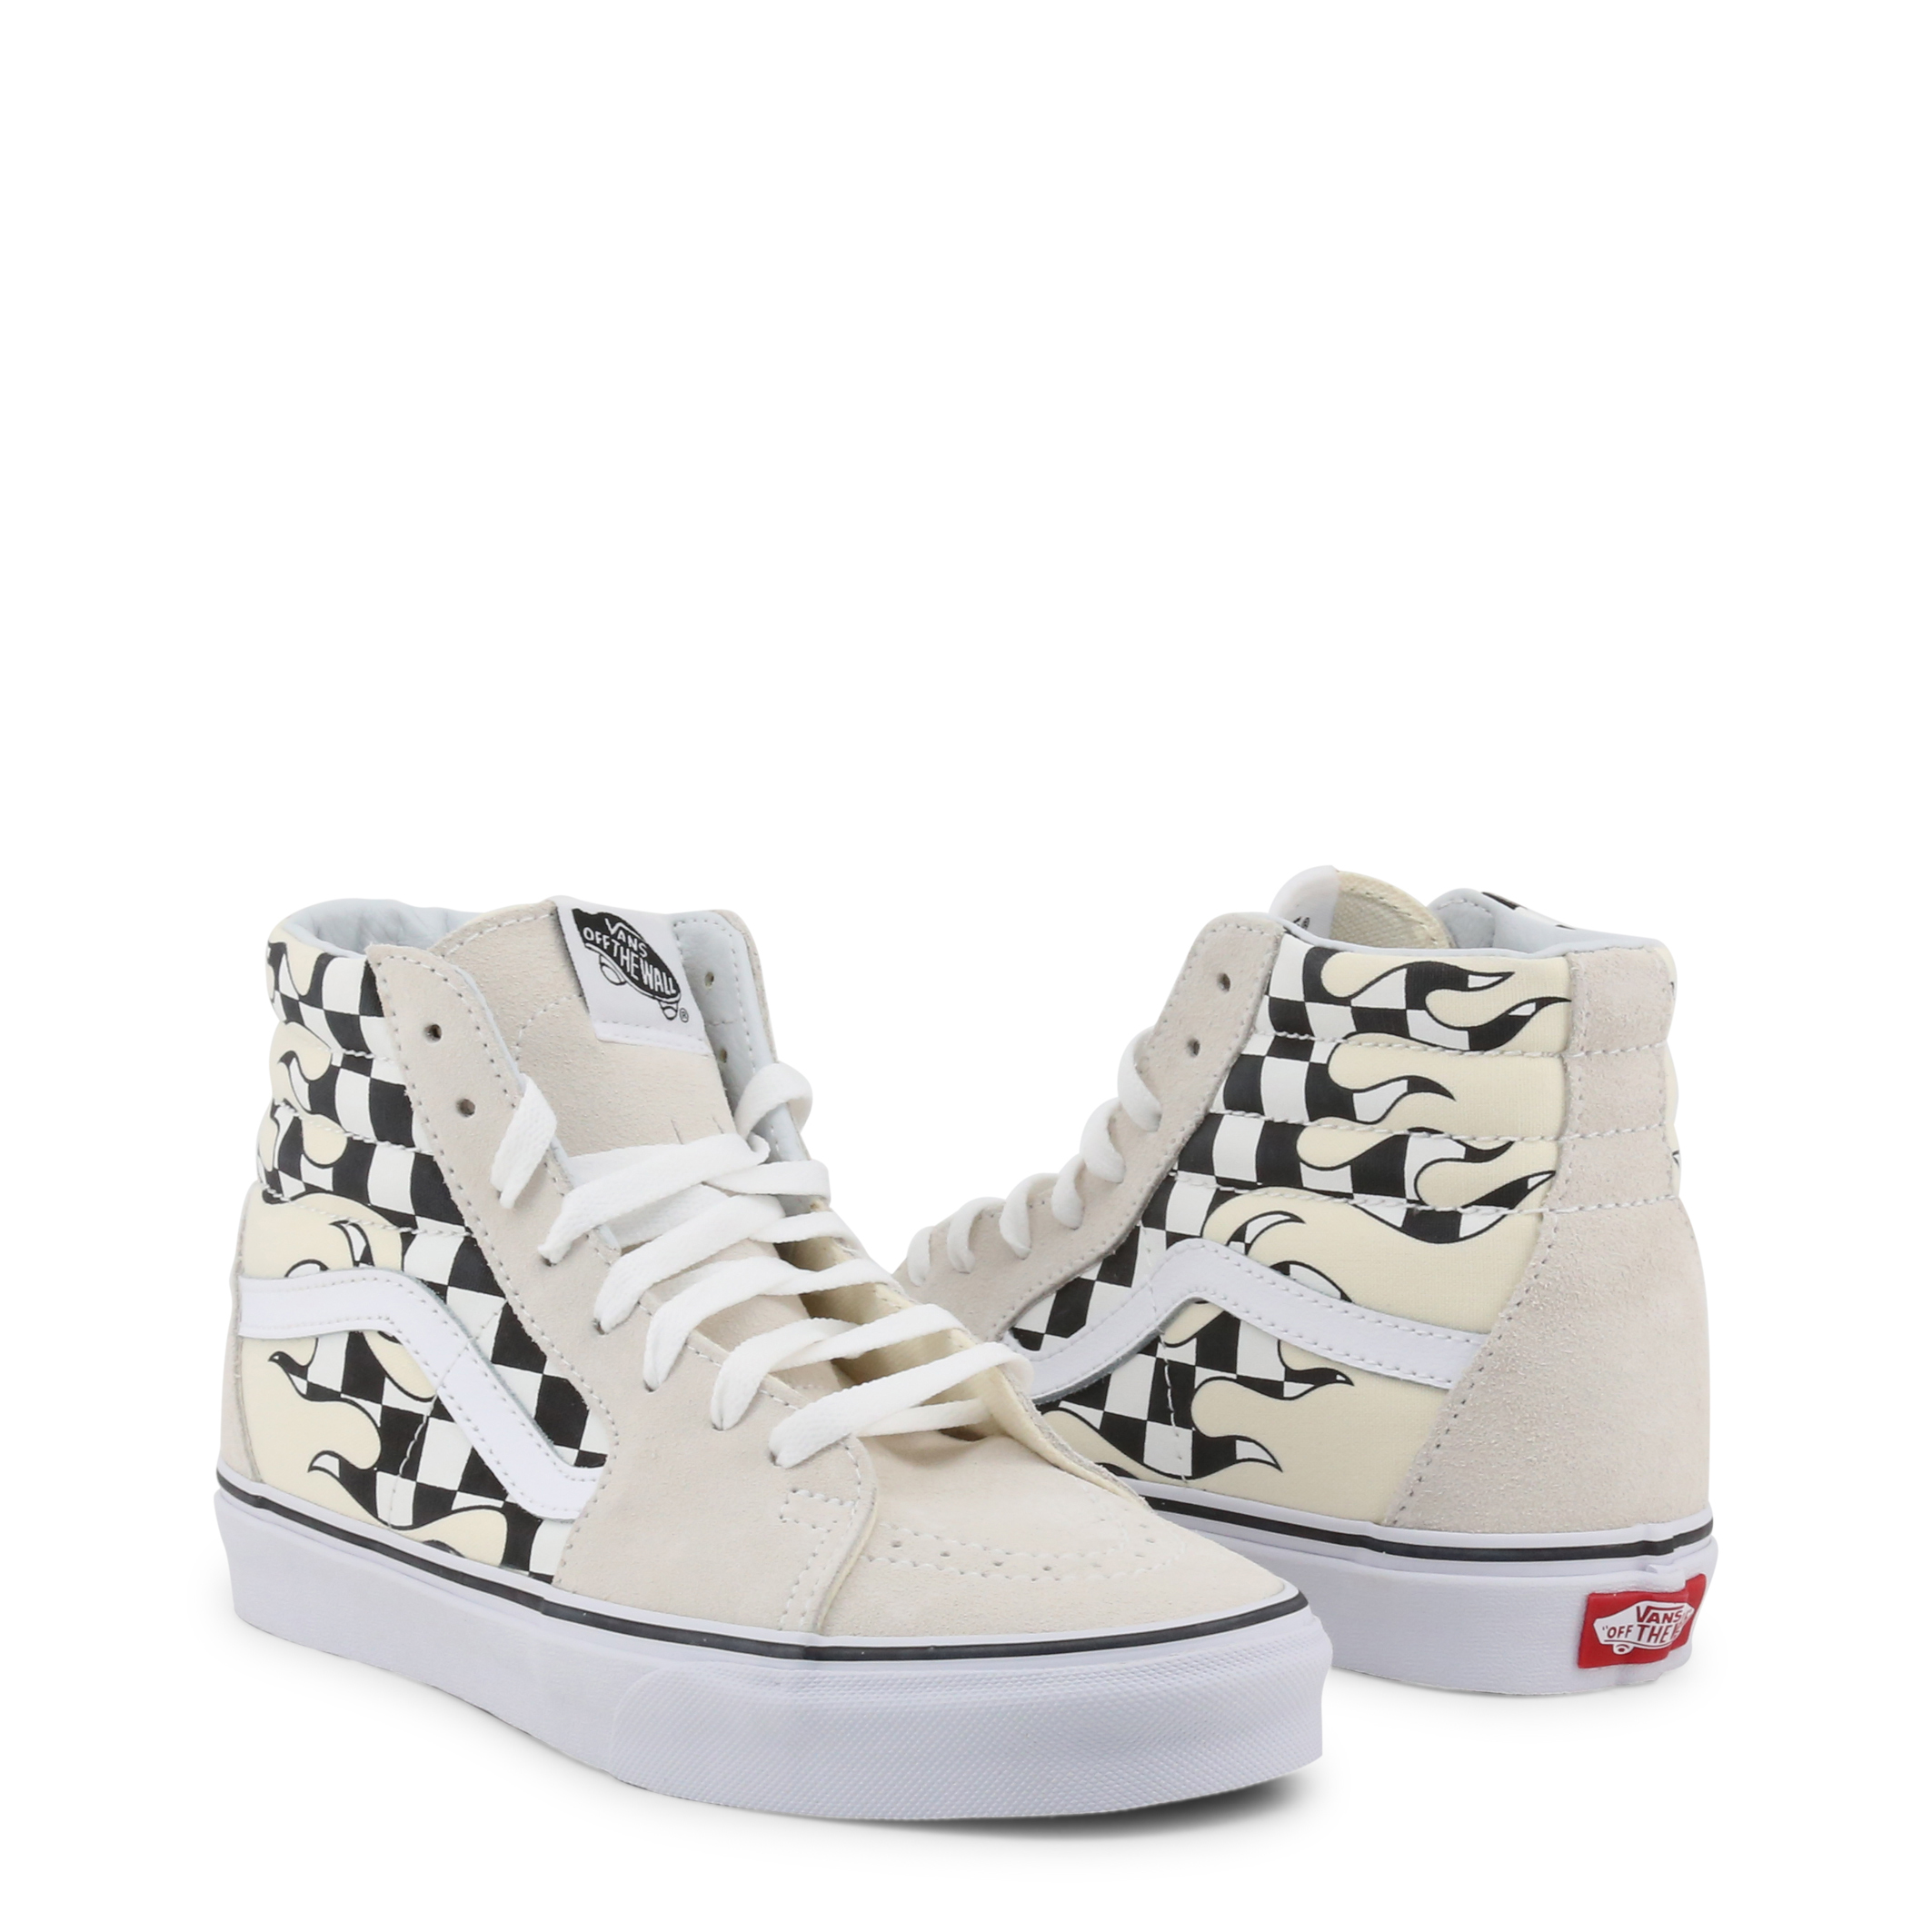 Baskets / Sport  Vans SK8-HI_VN0A38 white